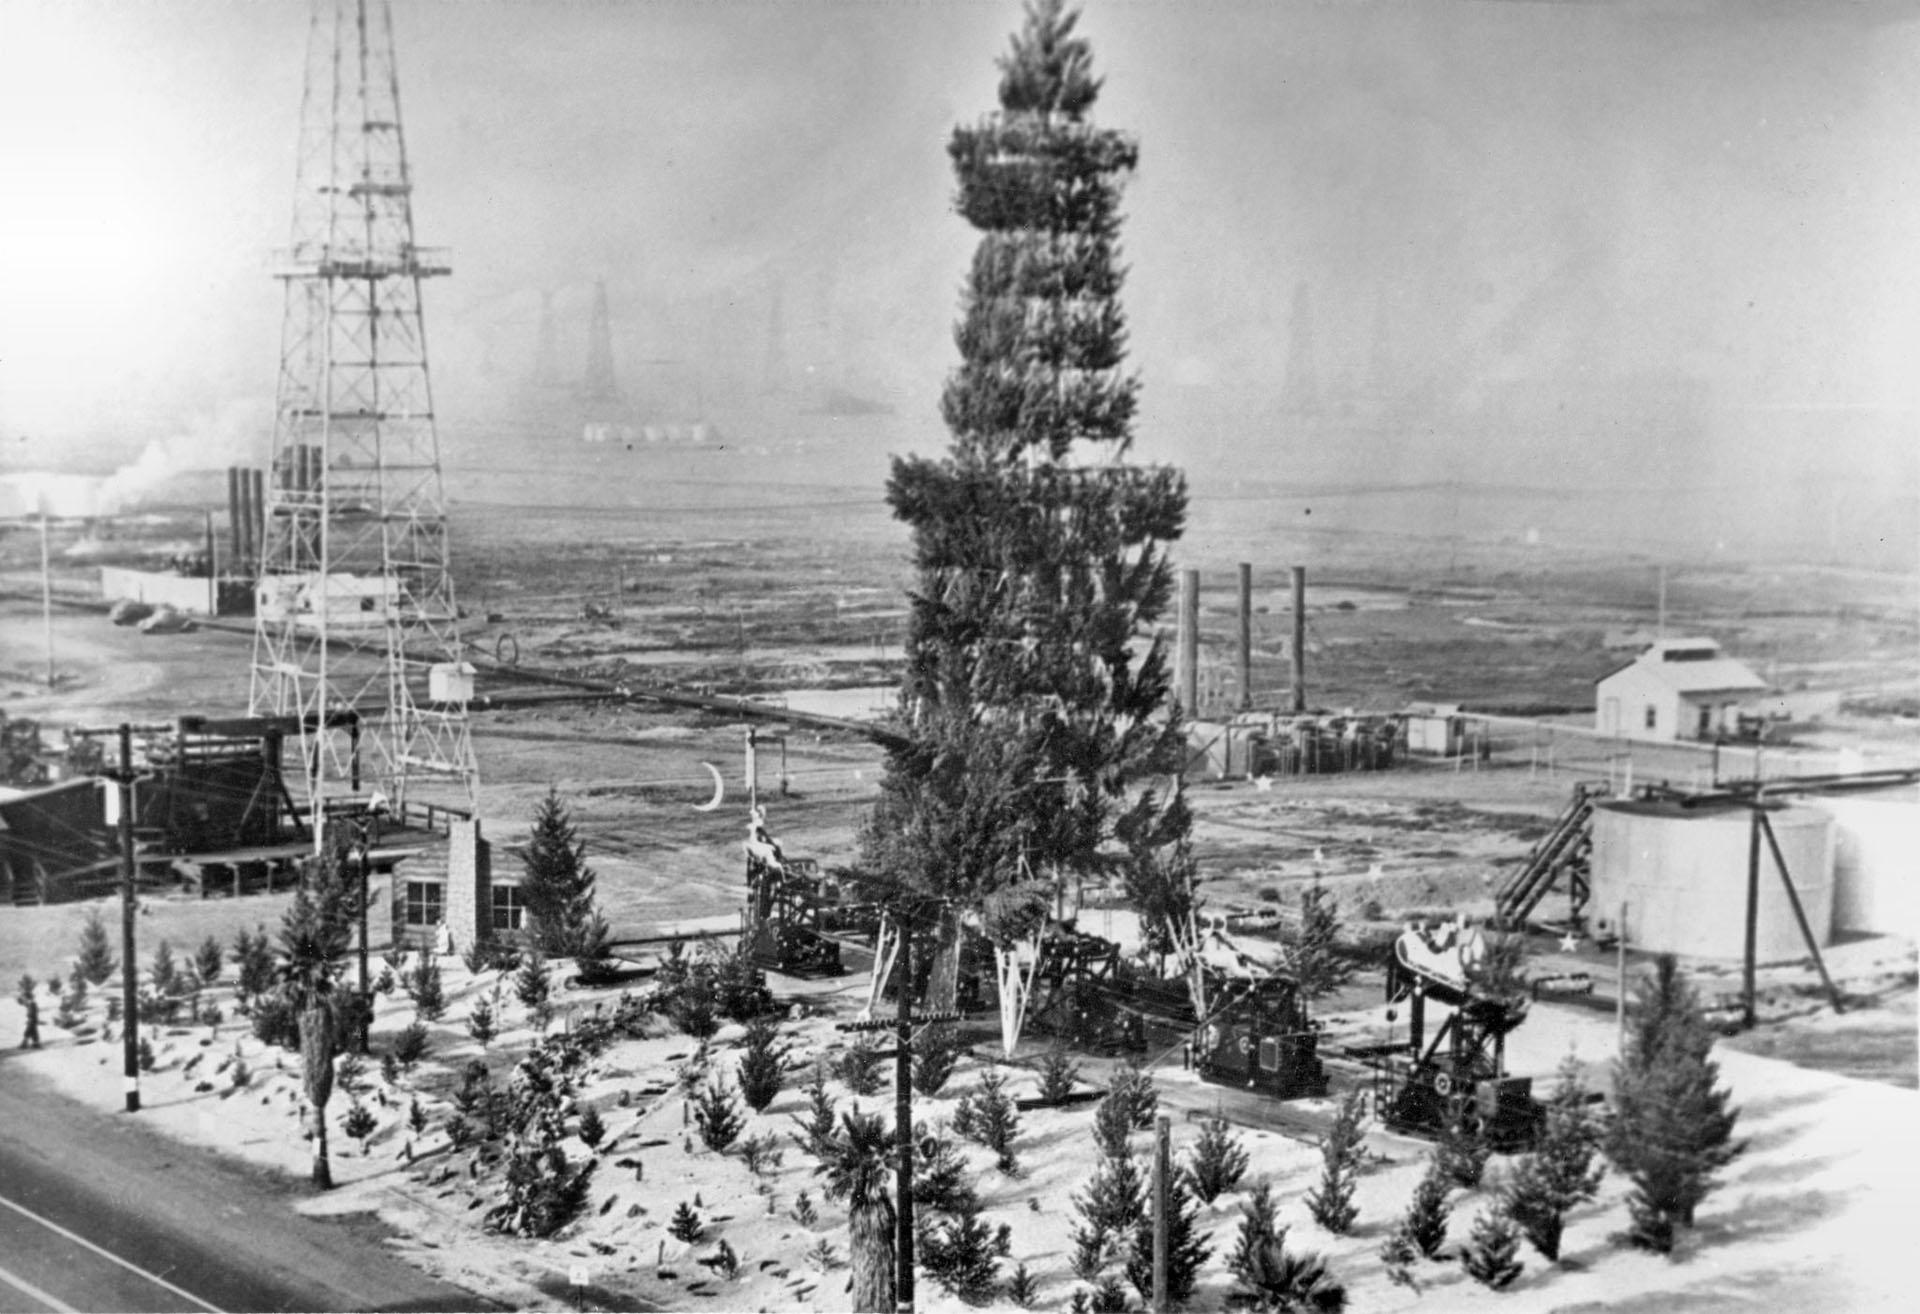 Oil derrick Christmas tree, Huntington Beach, 1939